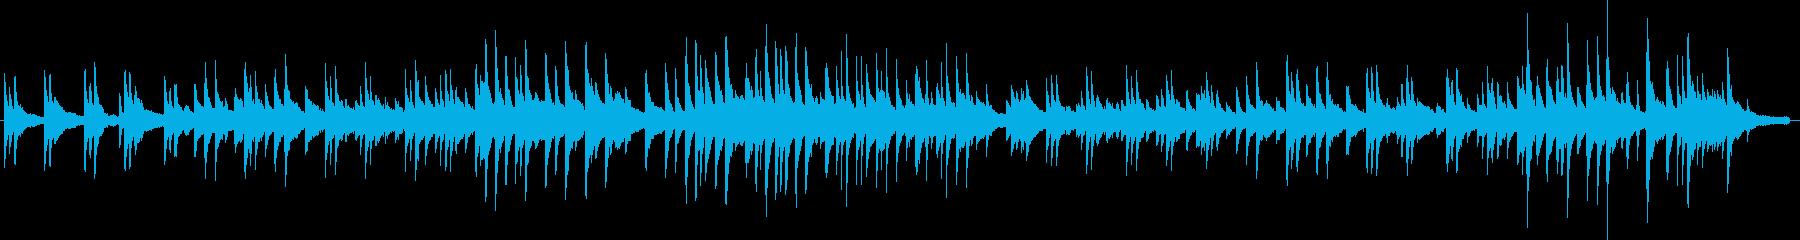 どこか物憂げなピアノソロ曲の再生済みの波形